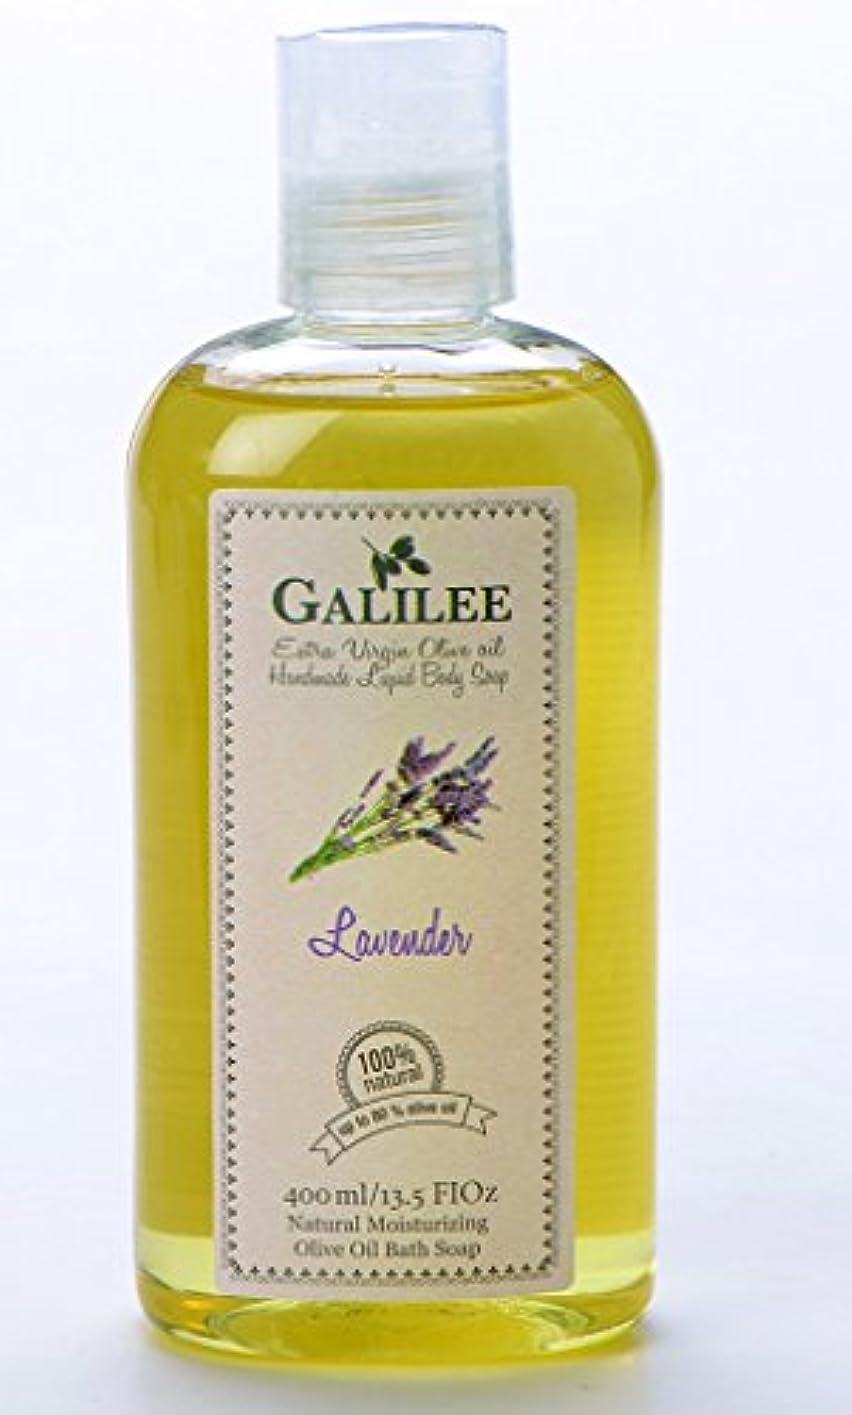 ペデスタルヒュームペデスタルGalilee Magic ガリラヤオリーブオイル手作りの液体ボディソープ 13.5oz ラベンダー&オリーブオイル